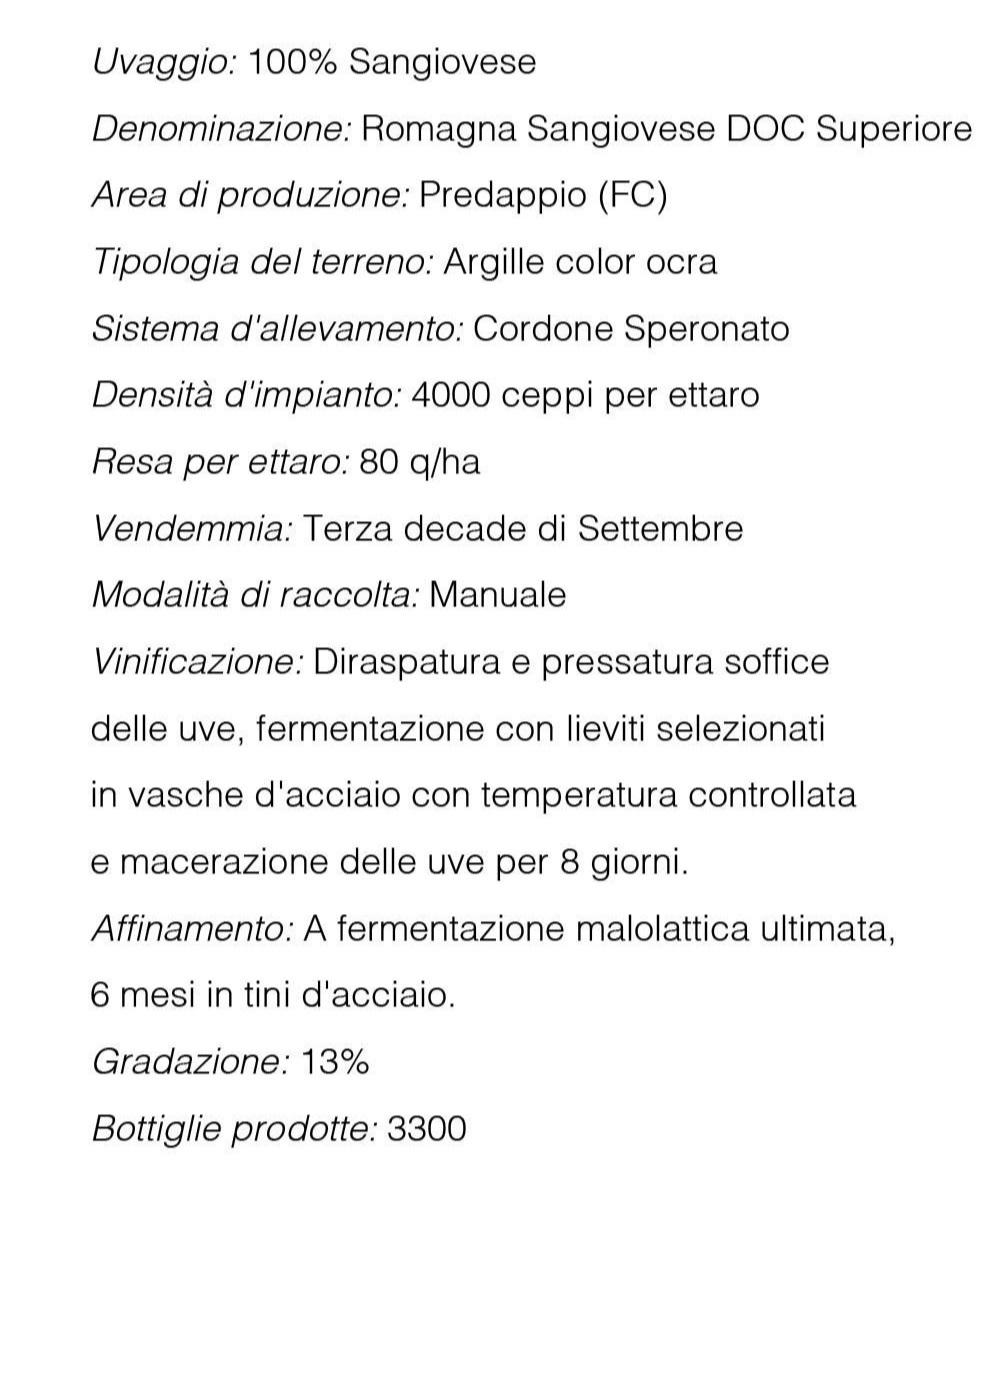 Scheda Iliano_Tavola disegno 1.jpg